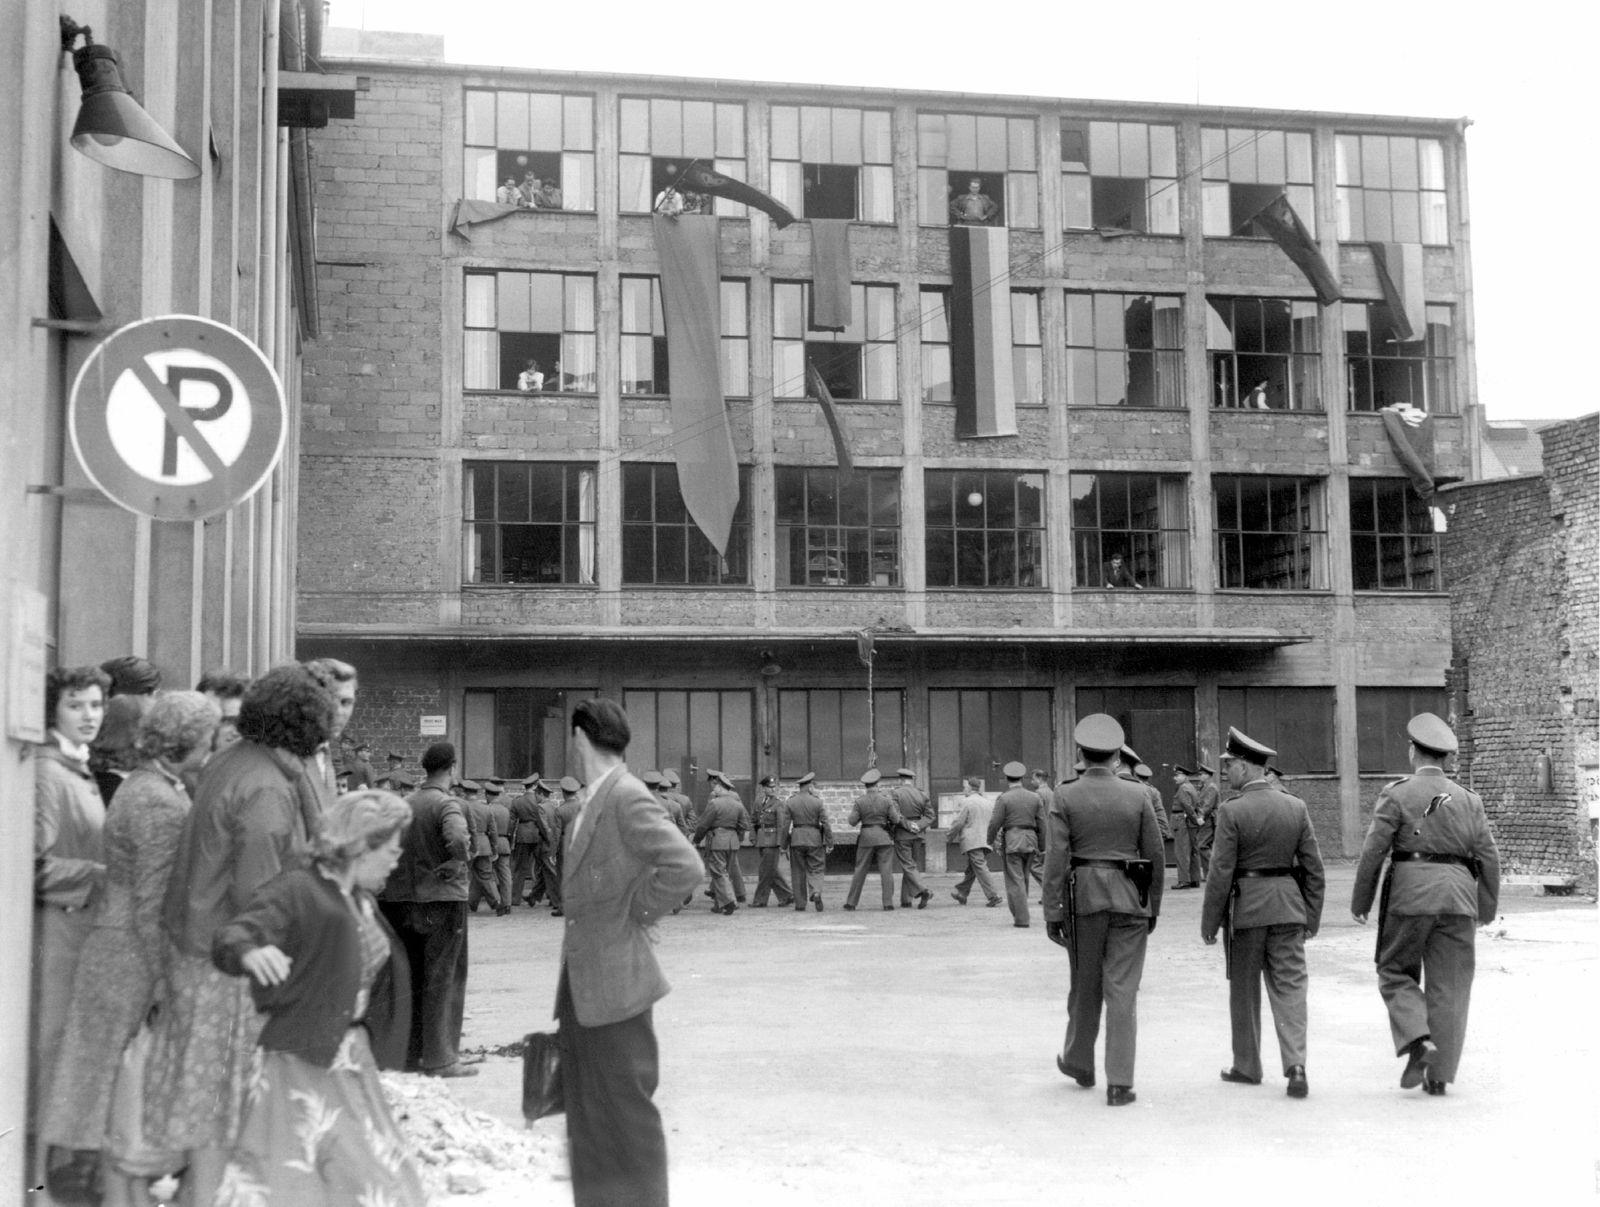 Kommunistische Partei Deutschlands verboten